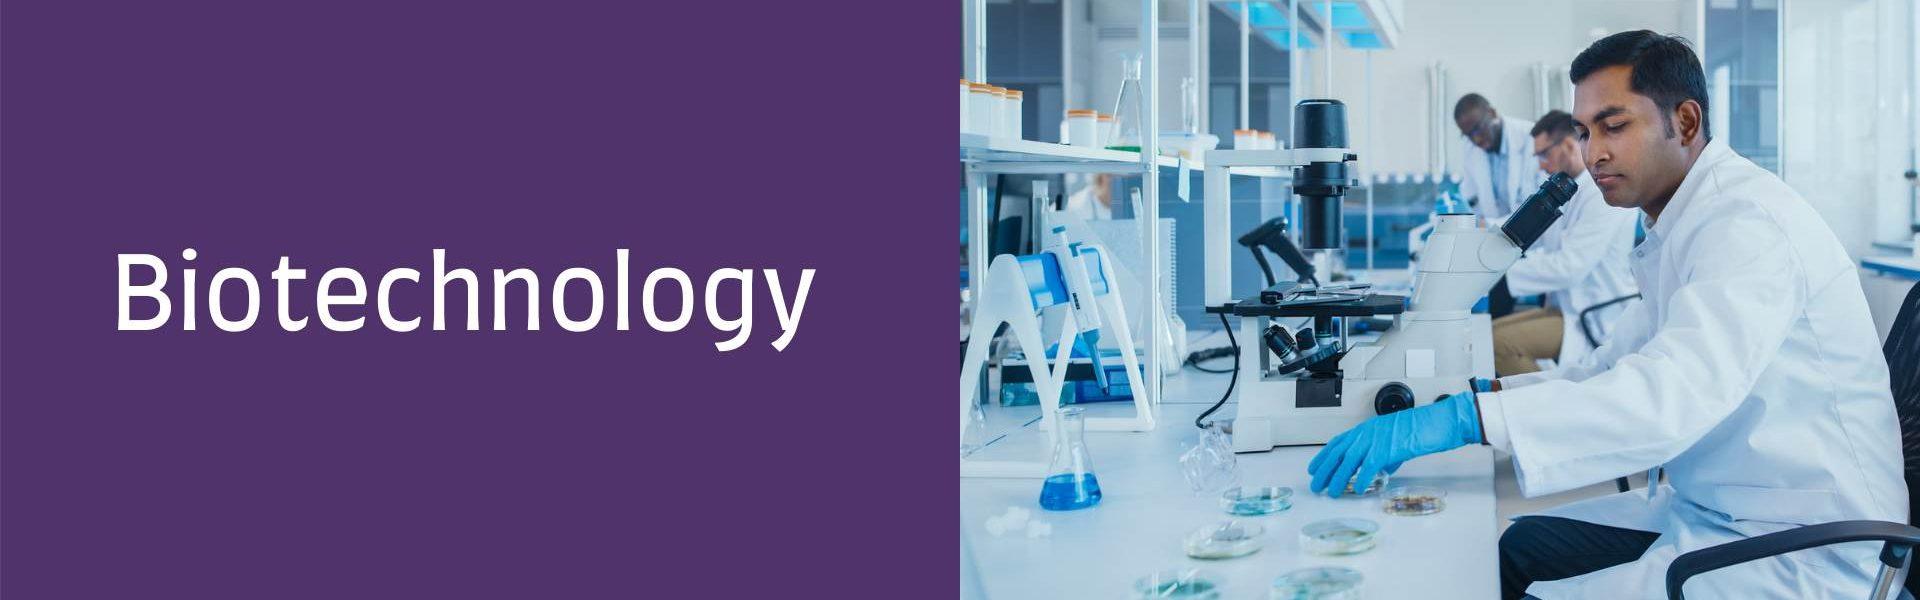 biotechnology inudstry working with sales coach wesleyne greer